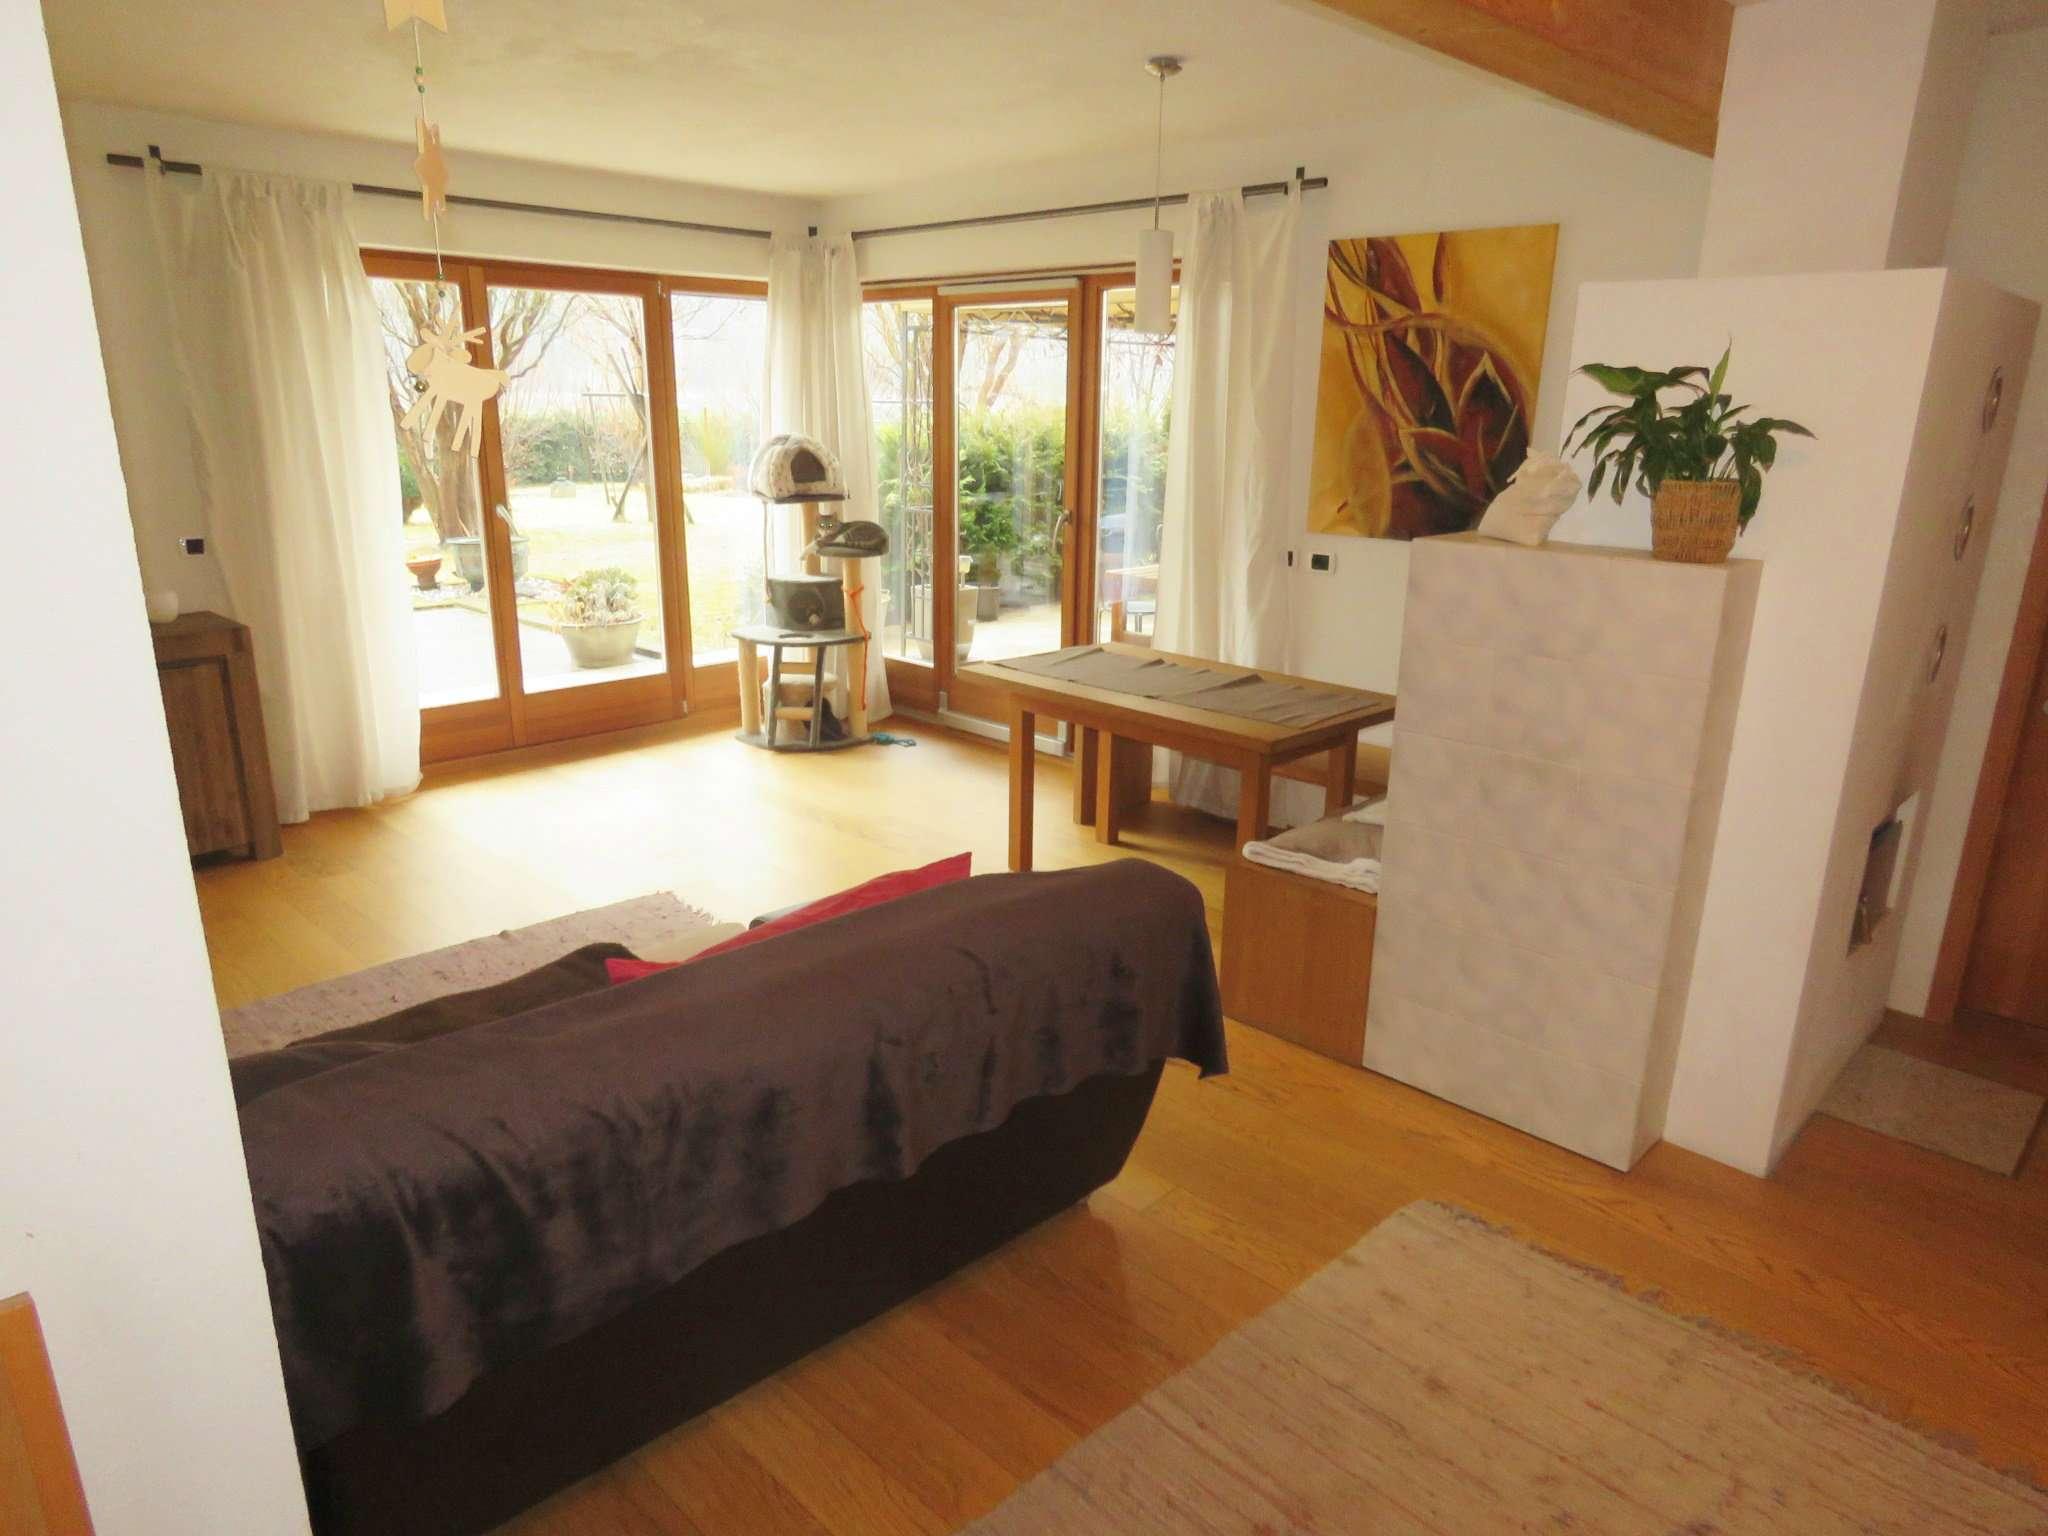 Villa Bifamiliare in vendita a Malles Venosta, 6 locali, prezzo € 700.000 | Cambio Casa.it